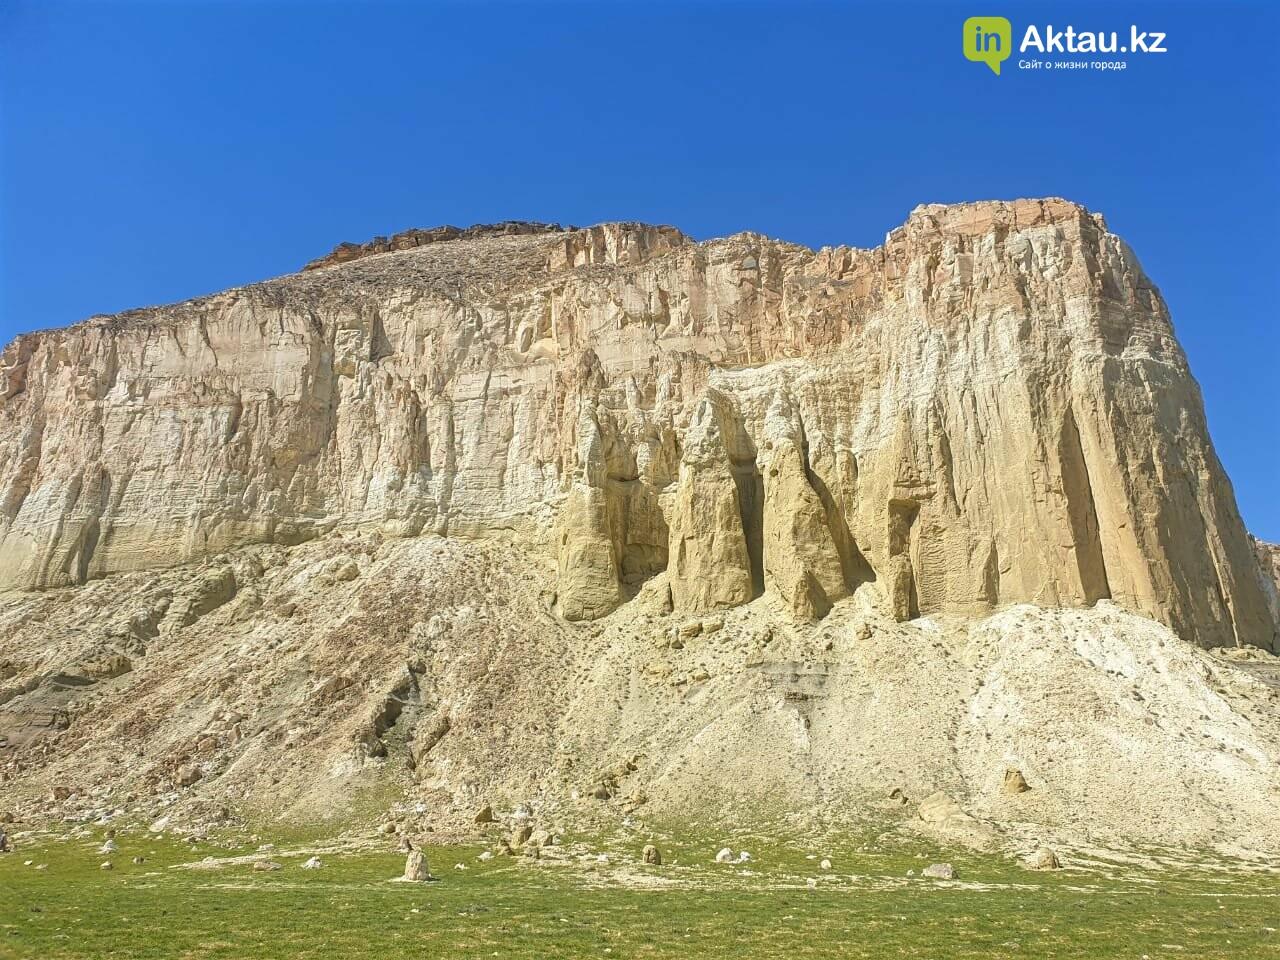 Долина замков – Айракты: Мангистау во всем своем величии (ФОТО), фото-24